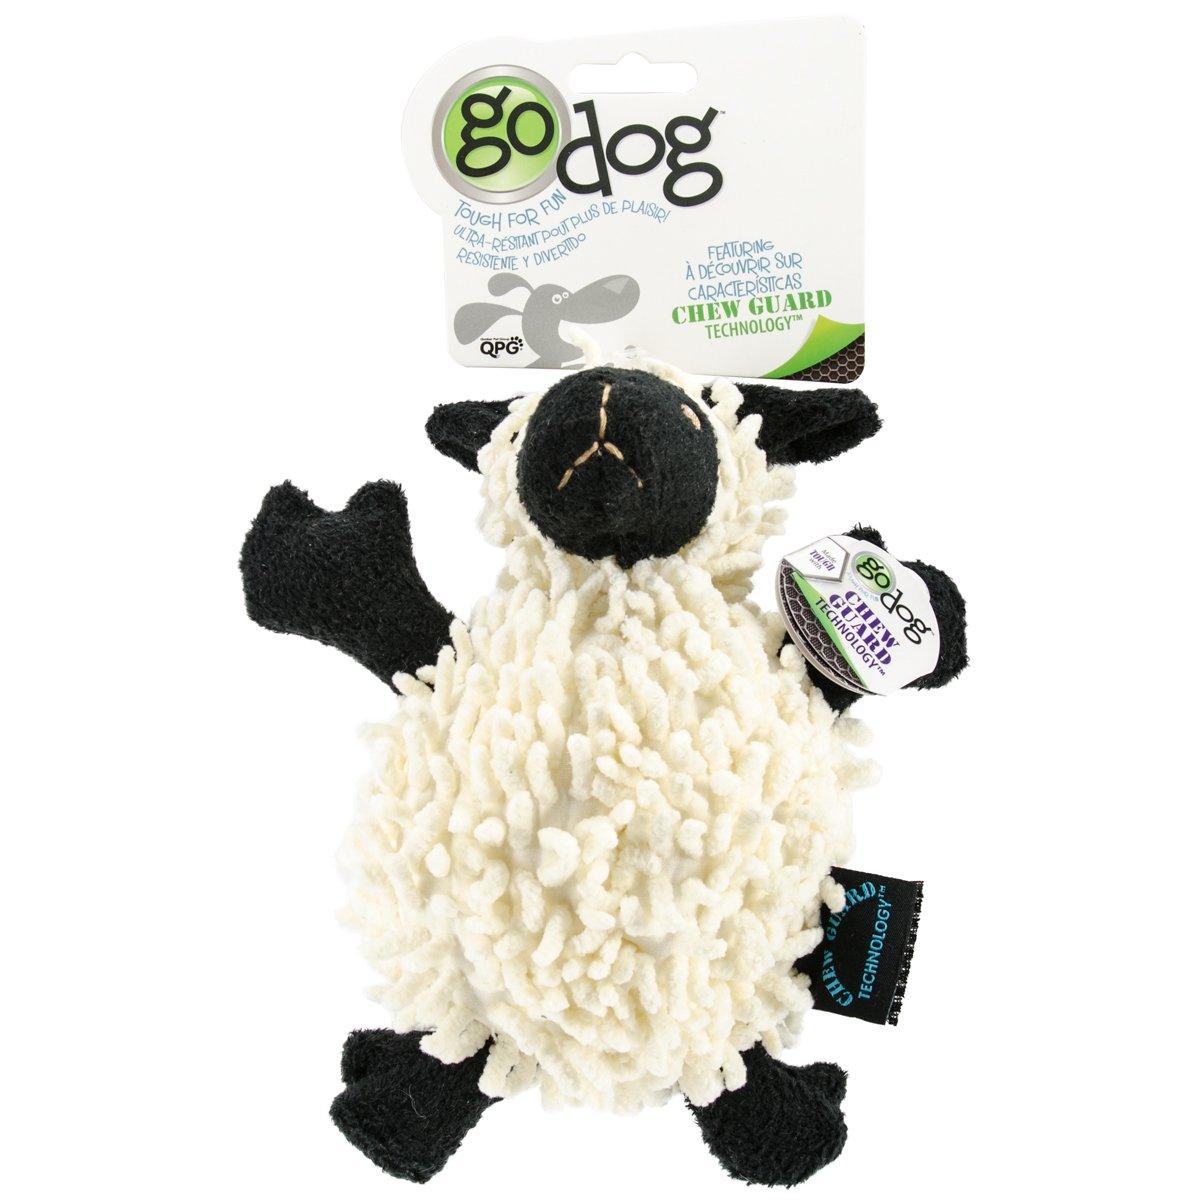 goDog Fuzzy Wuzzy with Chew Guard Small, Lamb